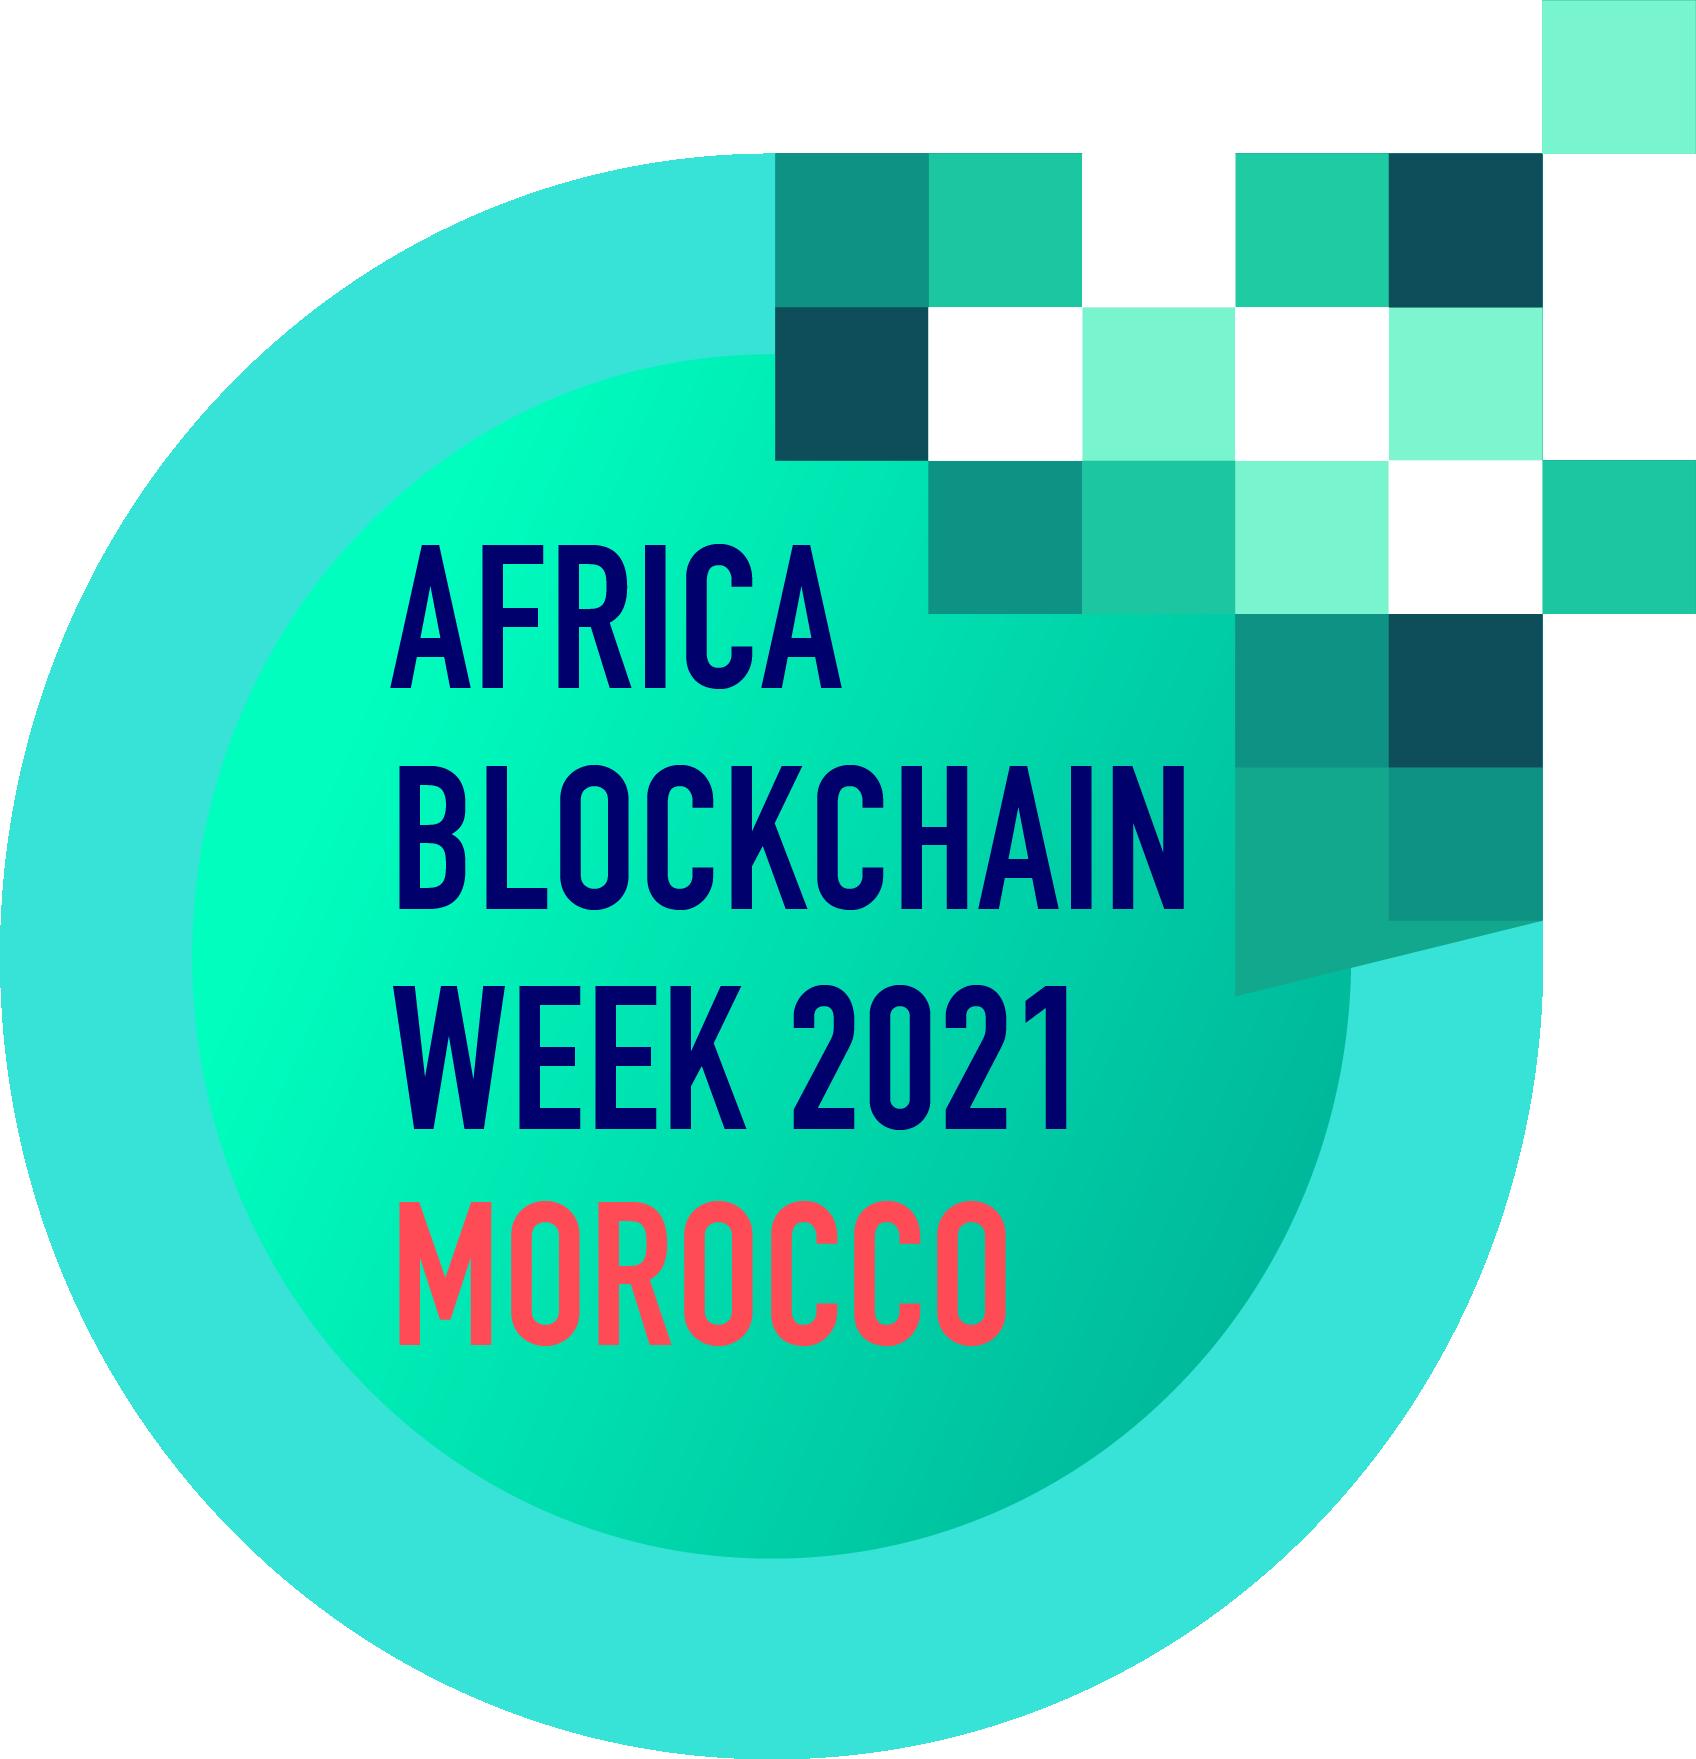 Africa Blockchain Week 2021